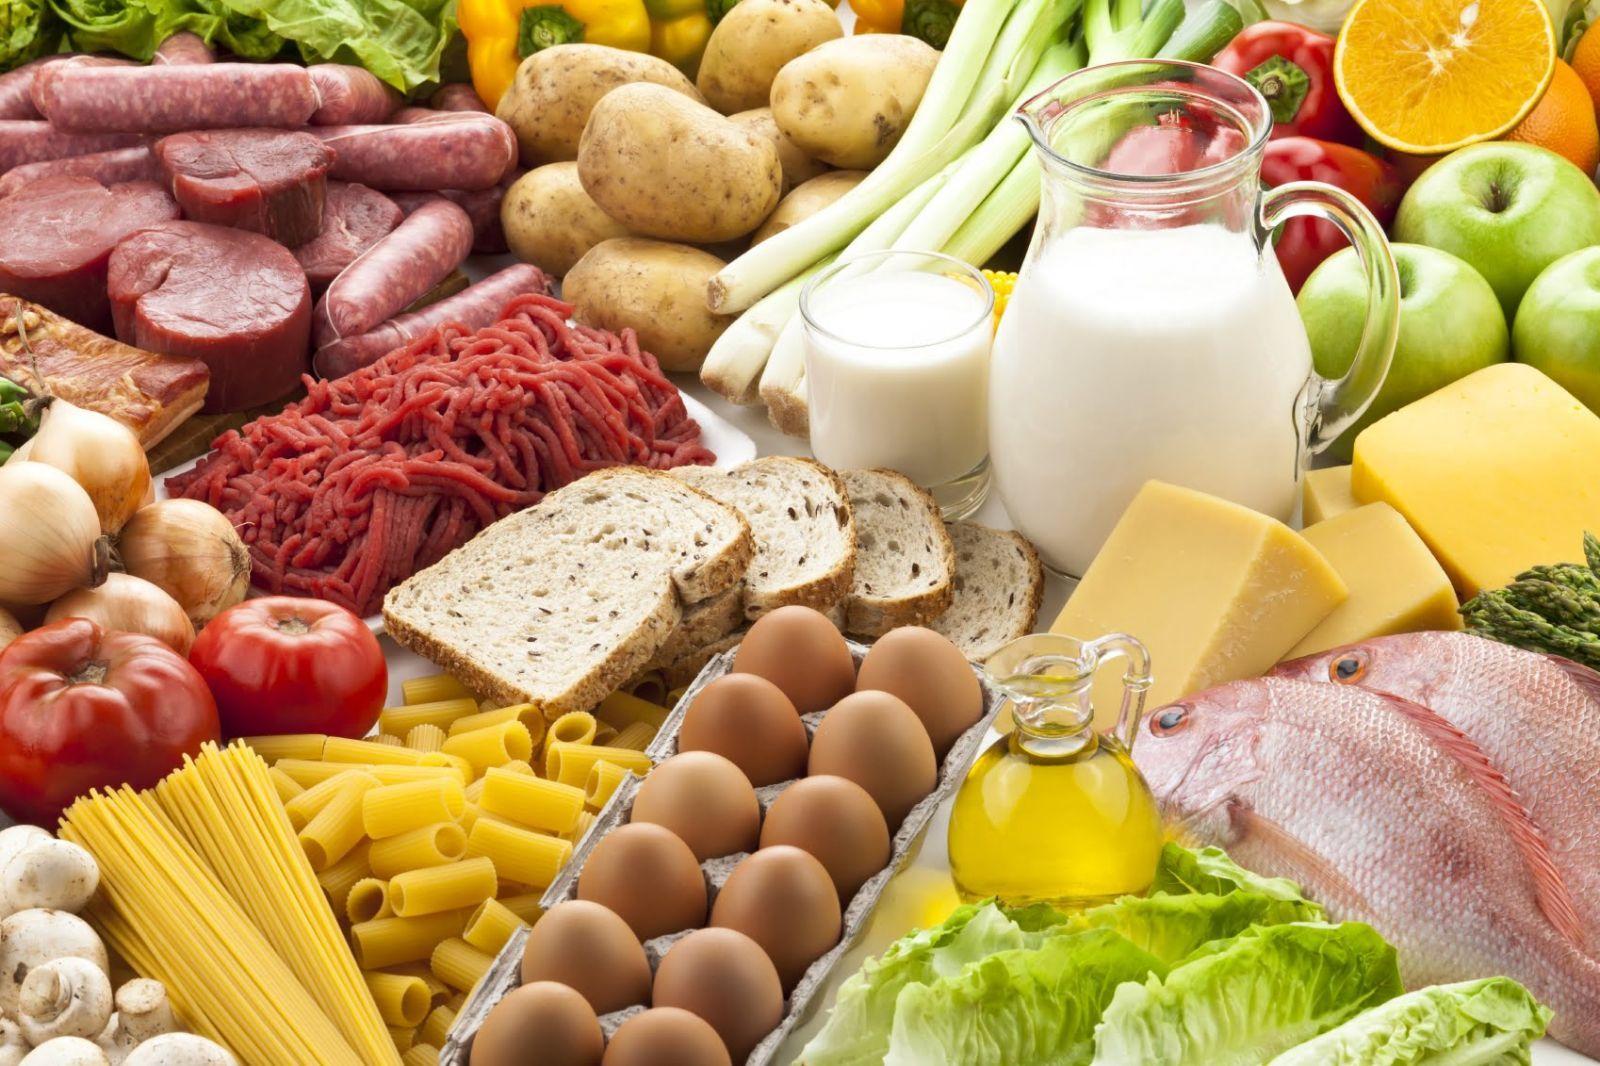 Dengeli Beslenmek İçin Neler Yapılmalıdır?